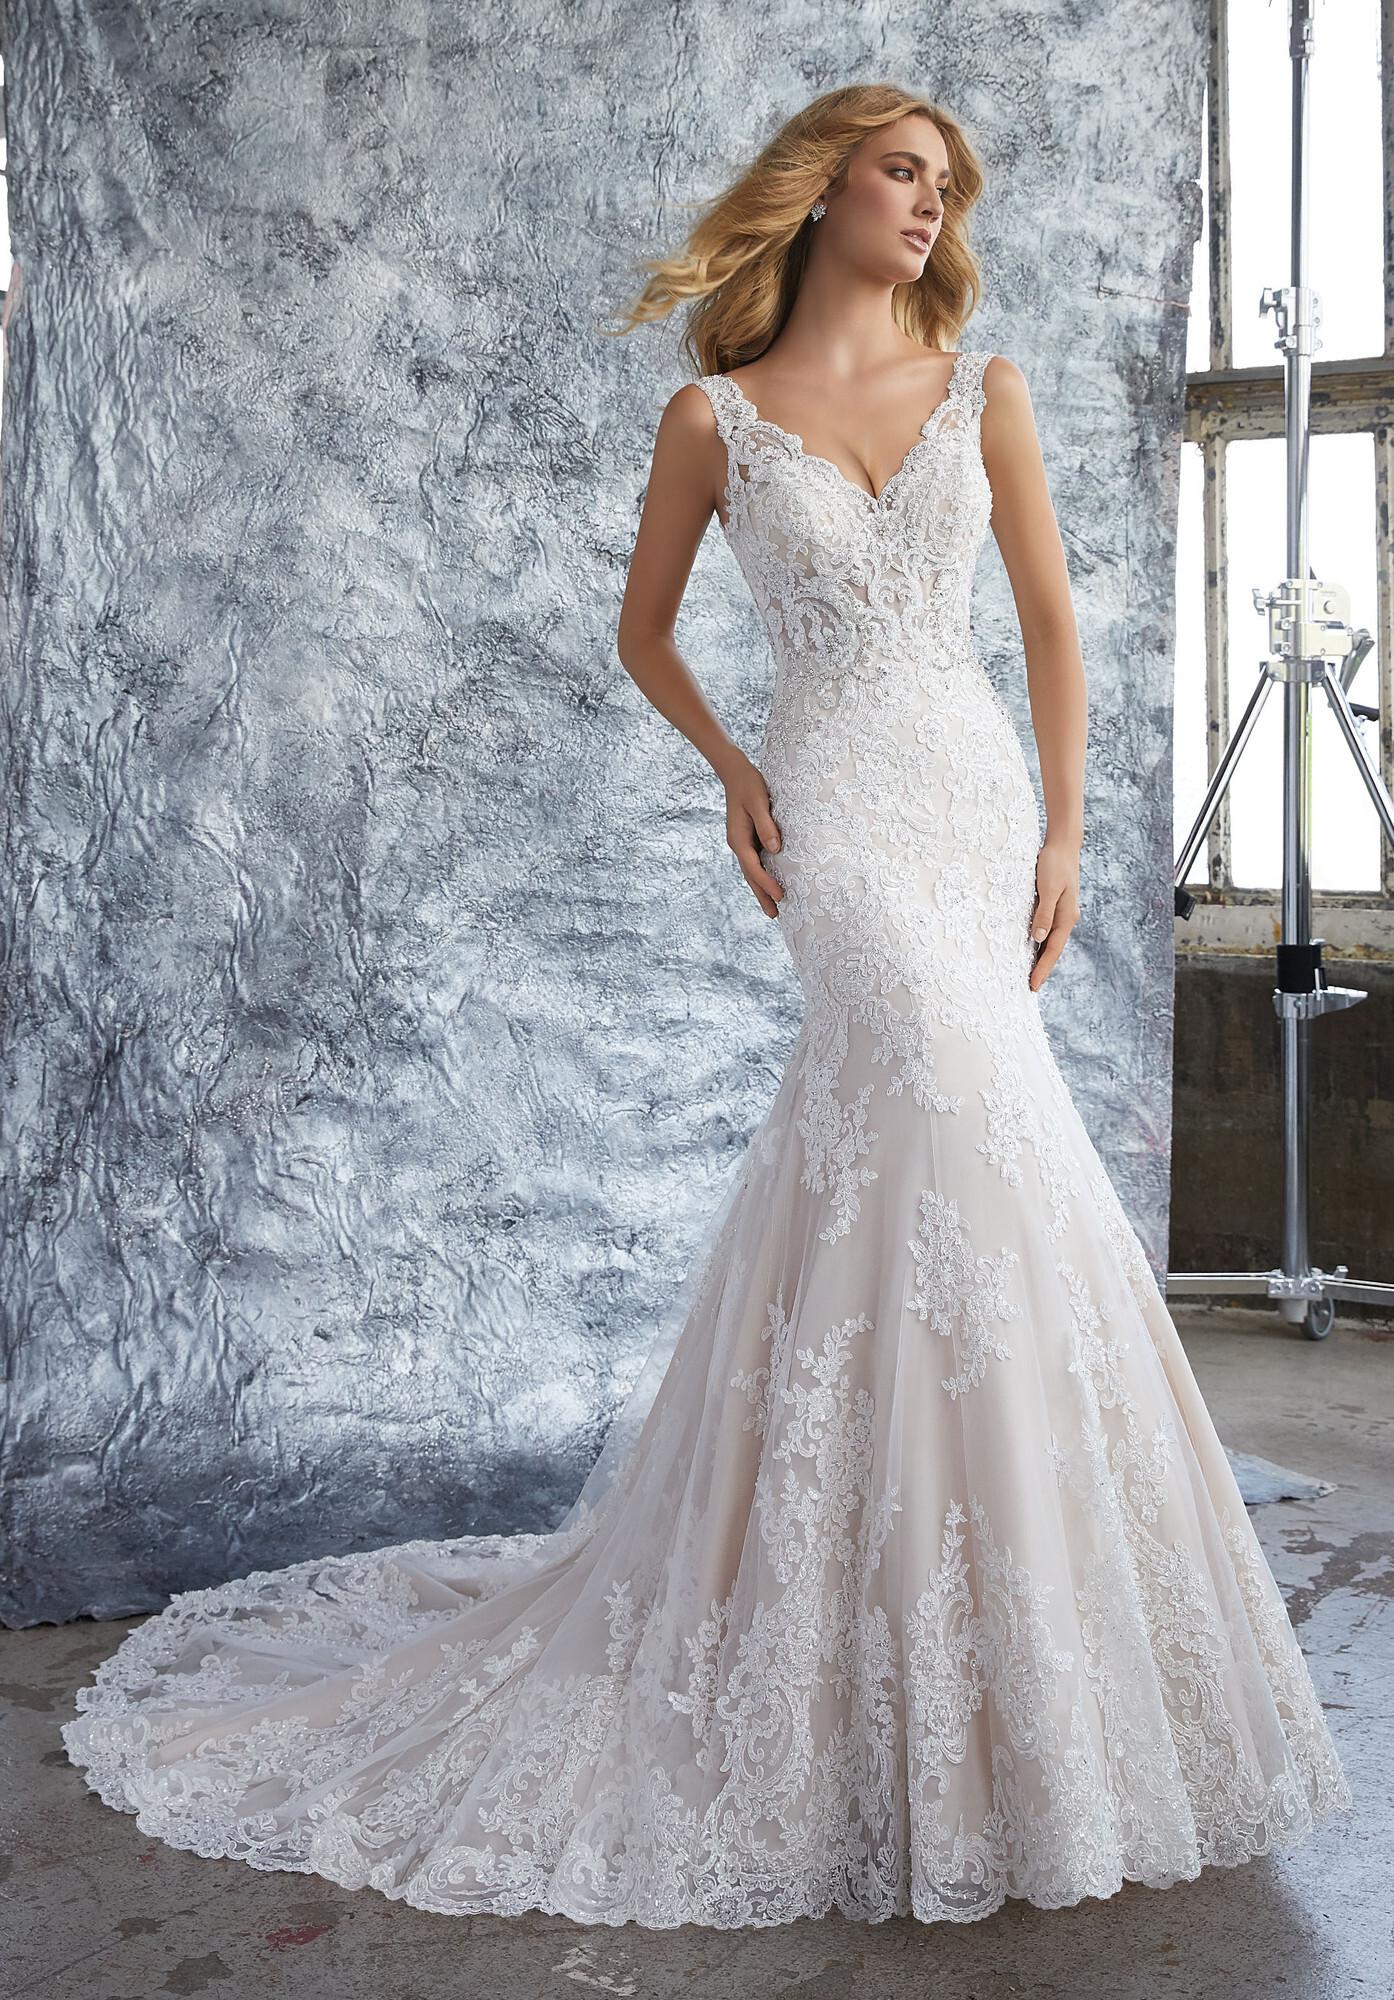 Contemporary Vestidos De Novia Mori Lee Frieze - Wedding Dress ...